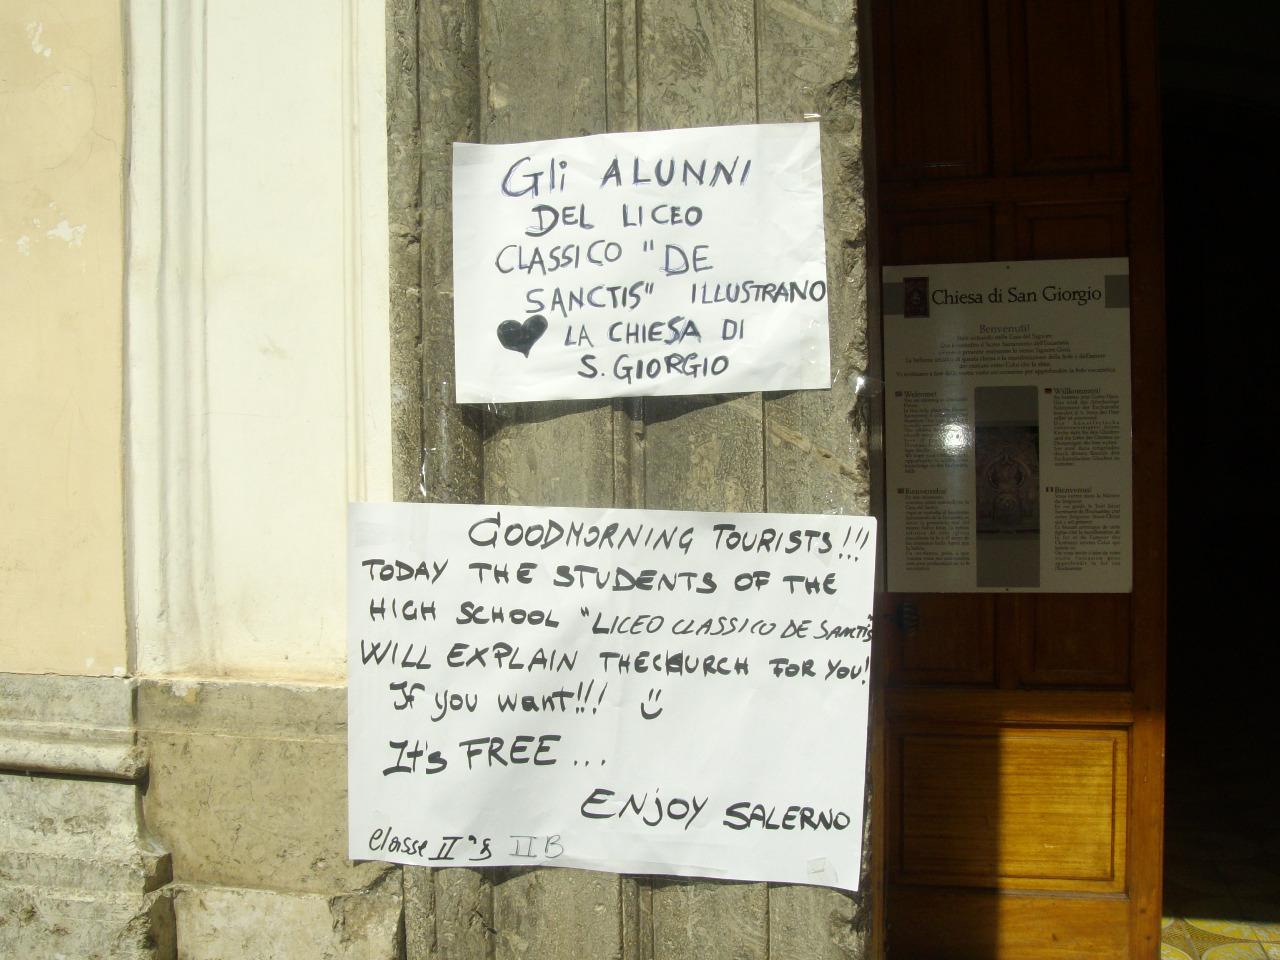 manifesto scritto dagli alunni in italiano e in inglese per i turisti inglesi